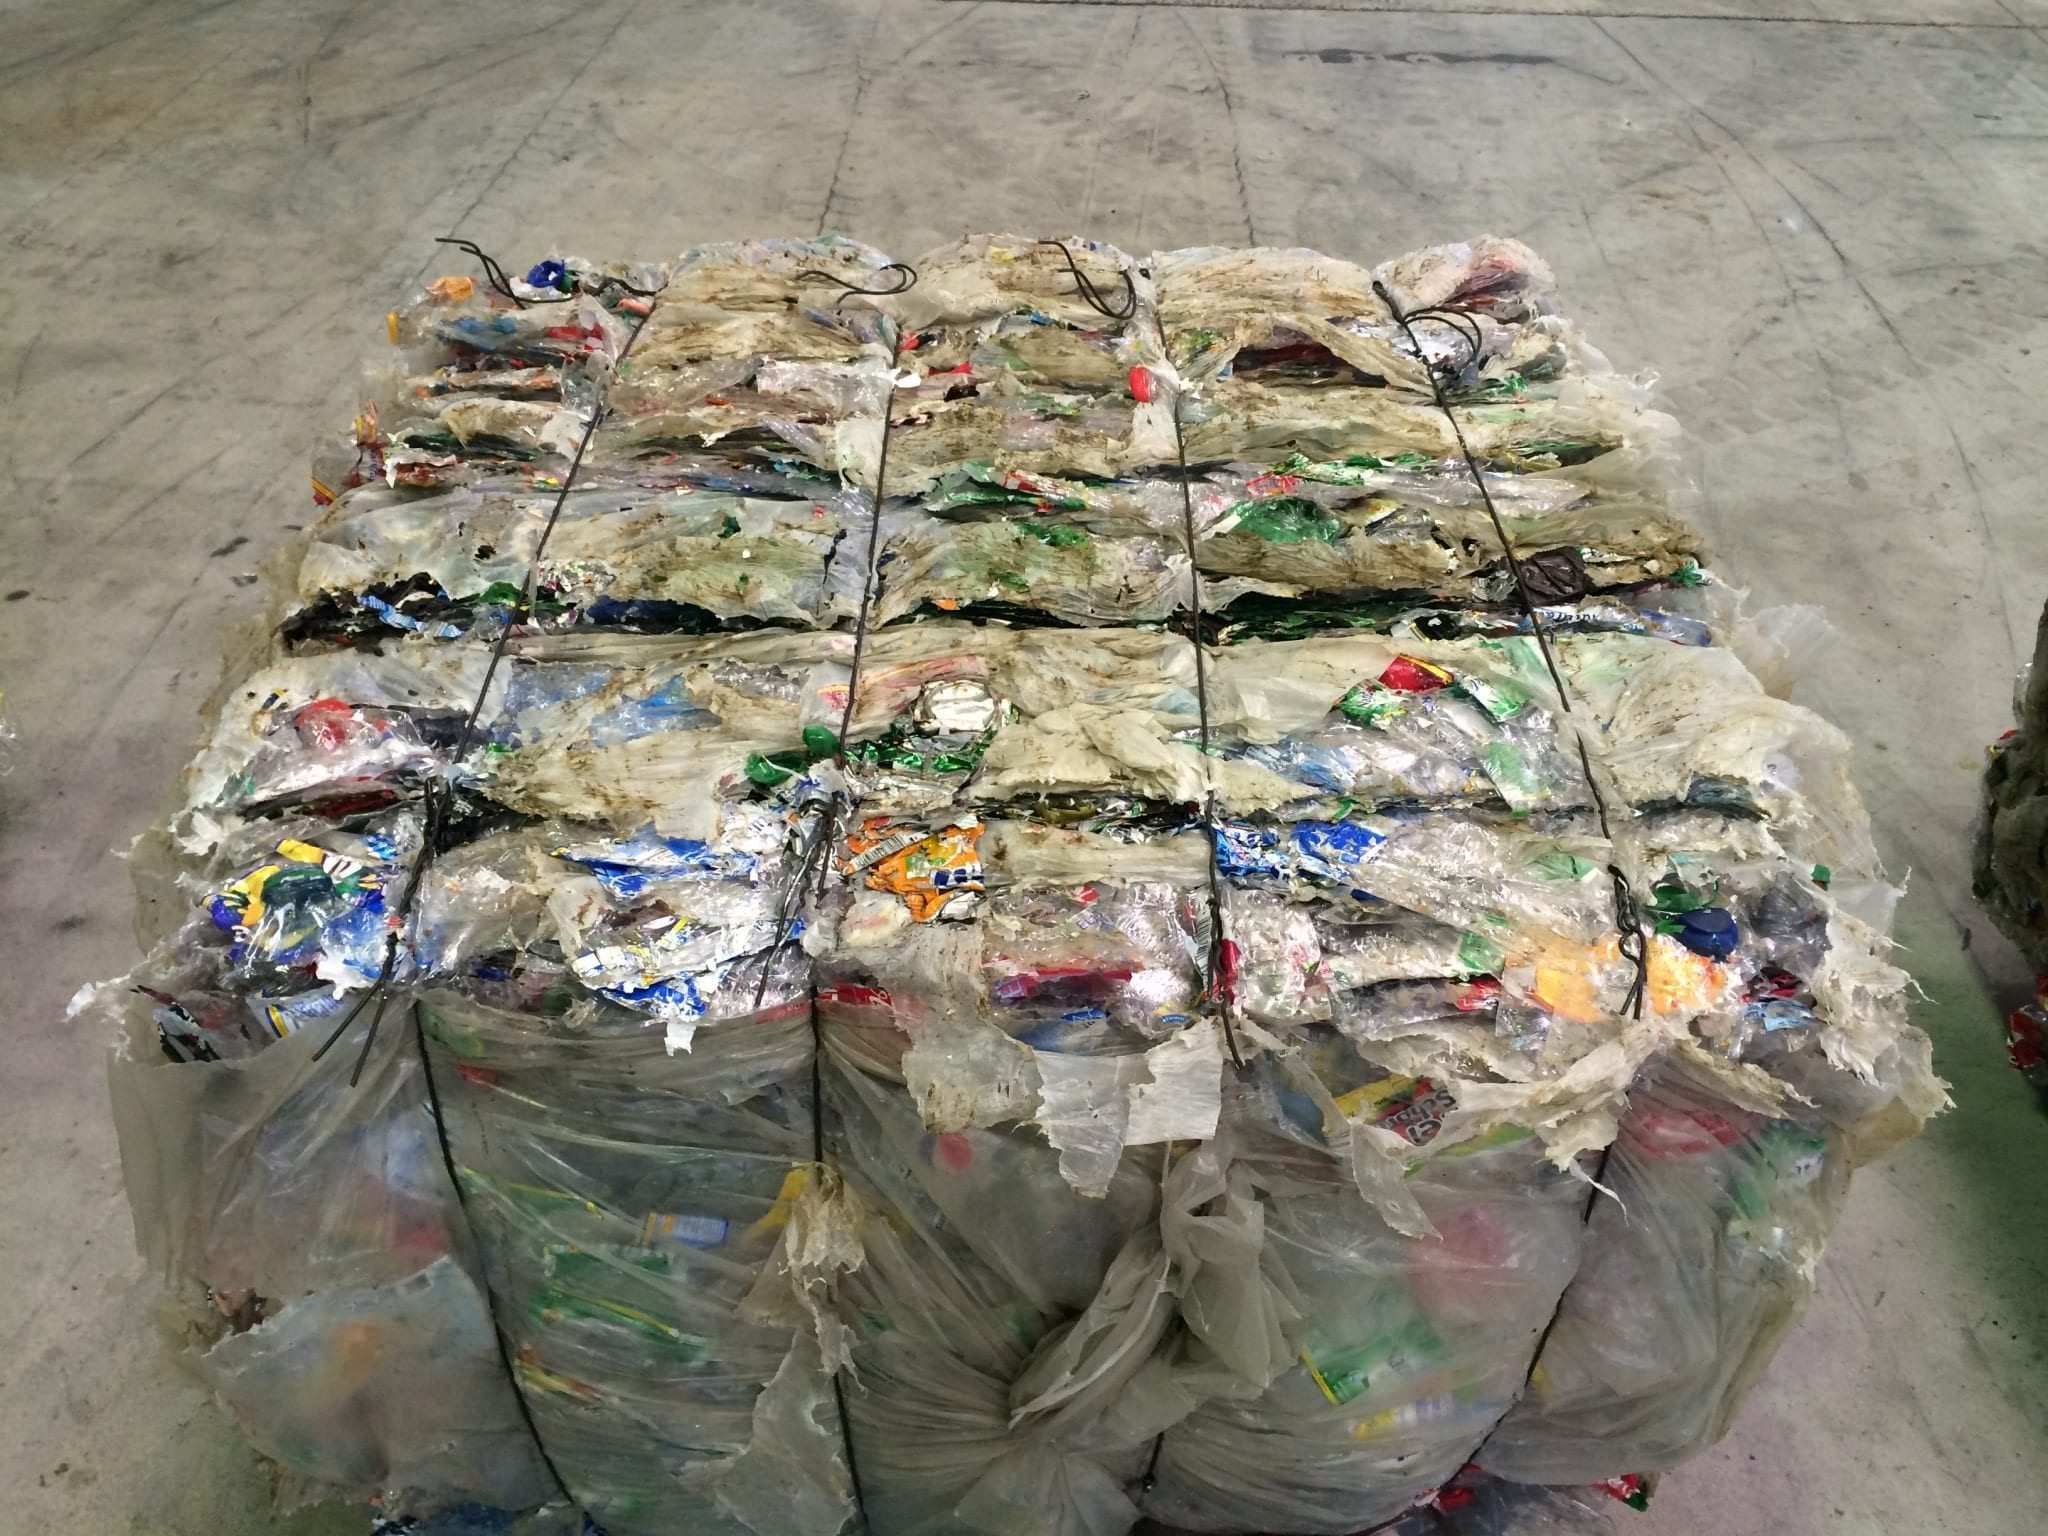 baled trash.